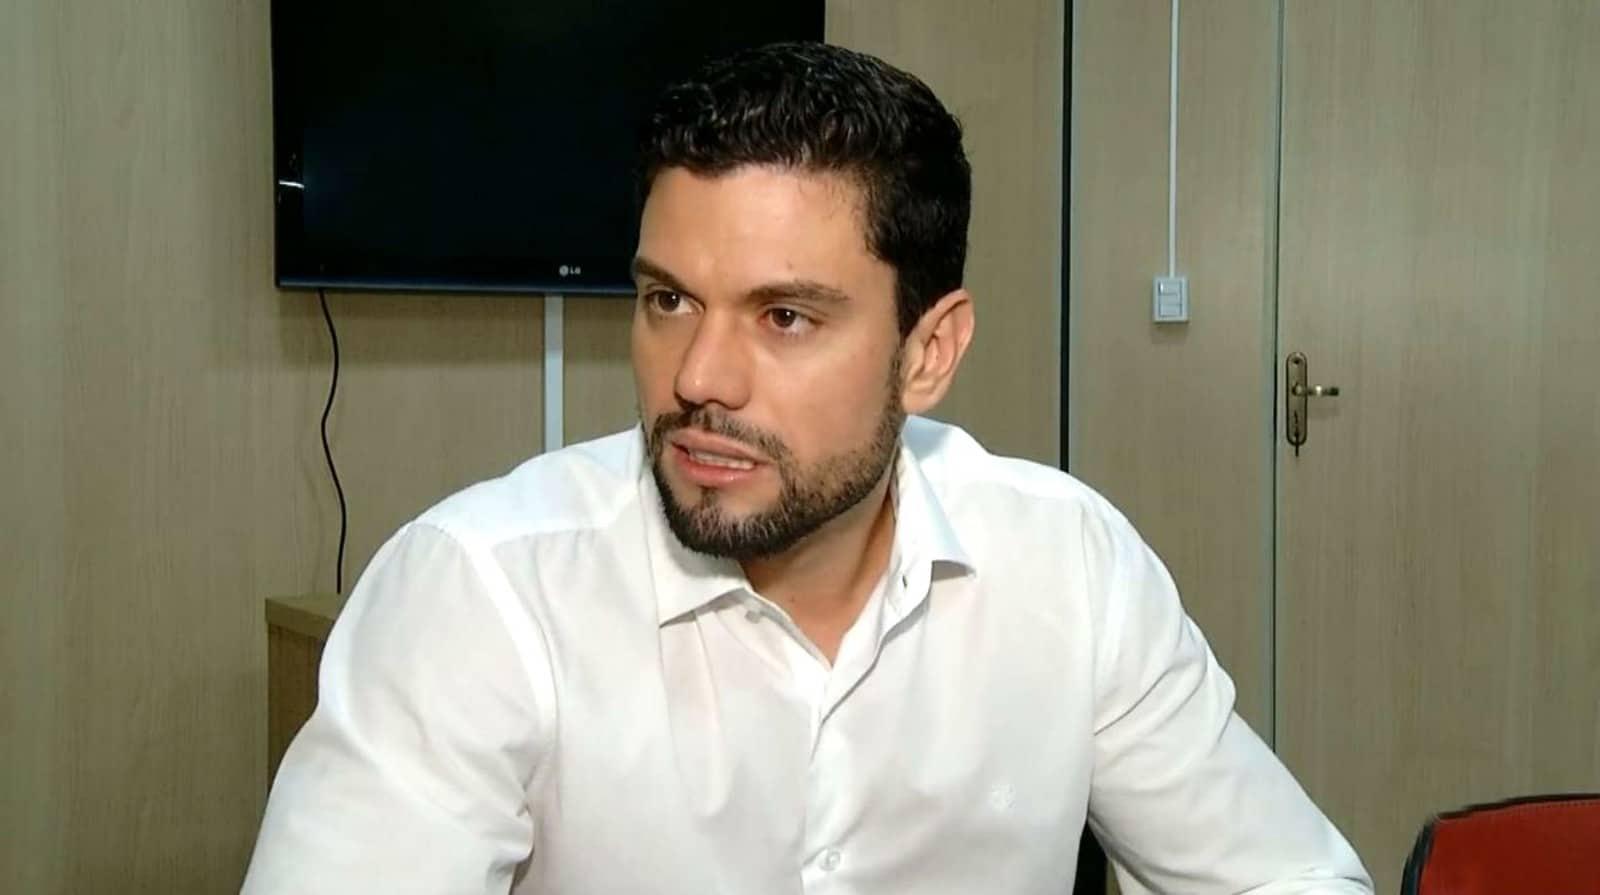 Justiça condena prefeito de Ourinhos a pagar multa de R$ 50 mil por improbidade administrativa — Foto: TV TEM/Reprodução